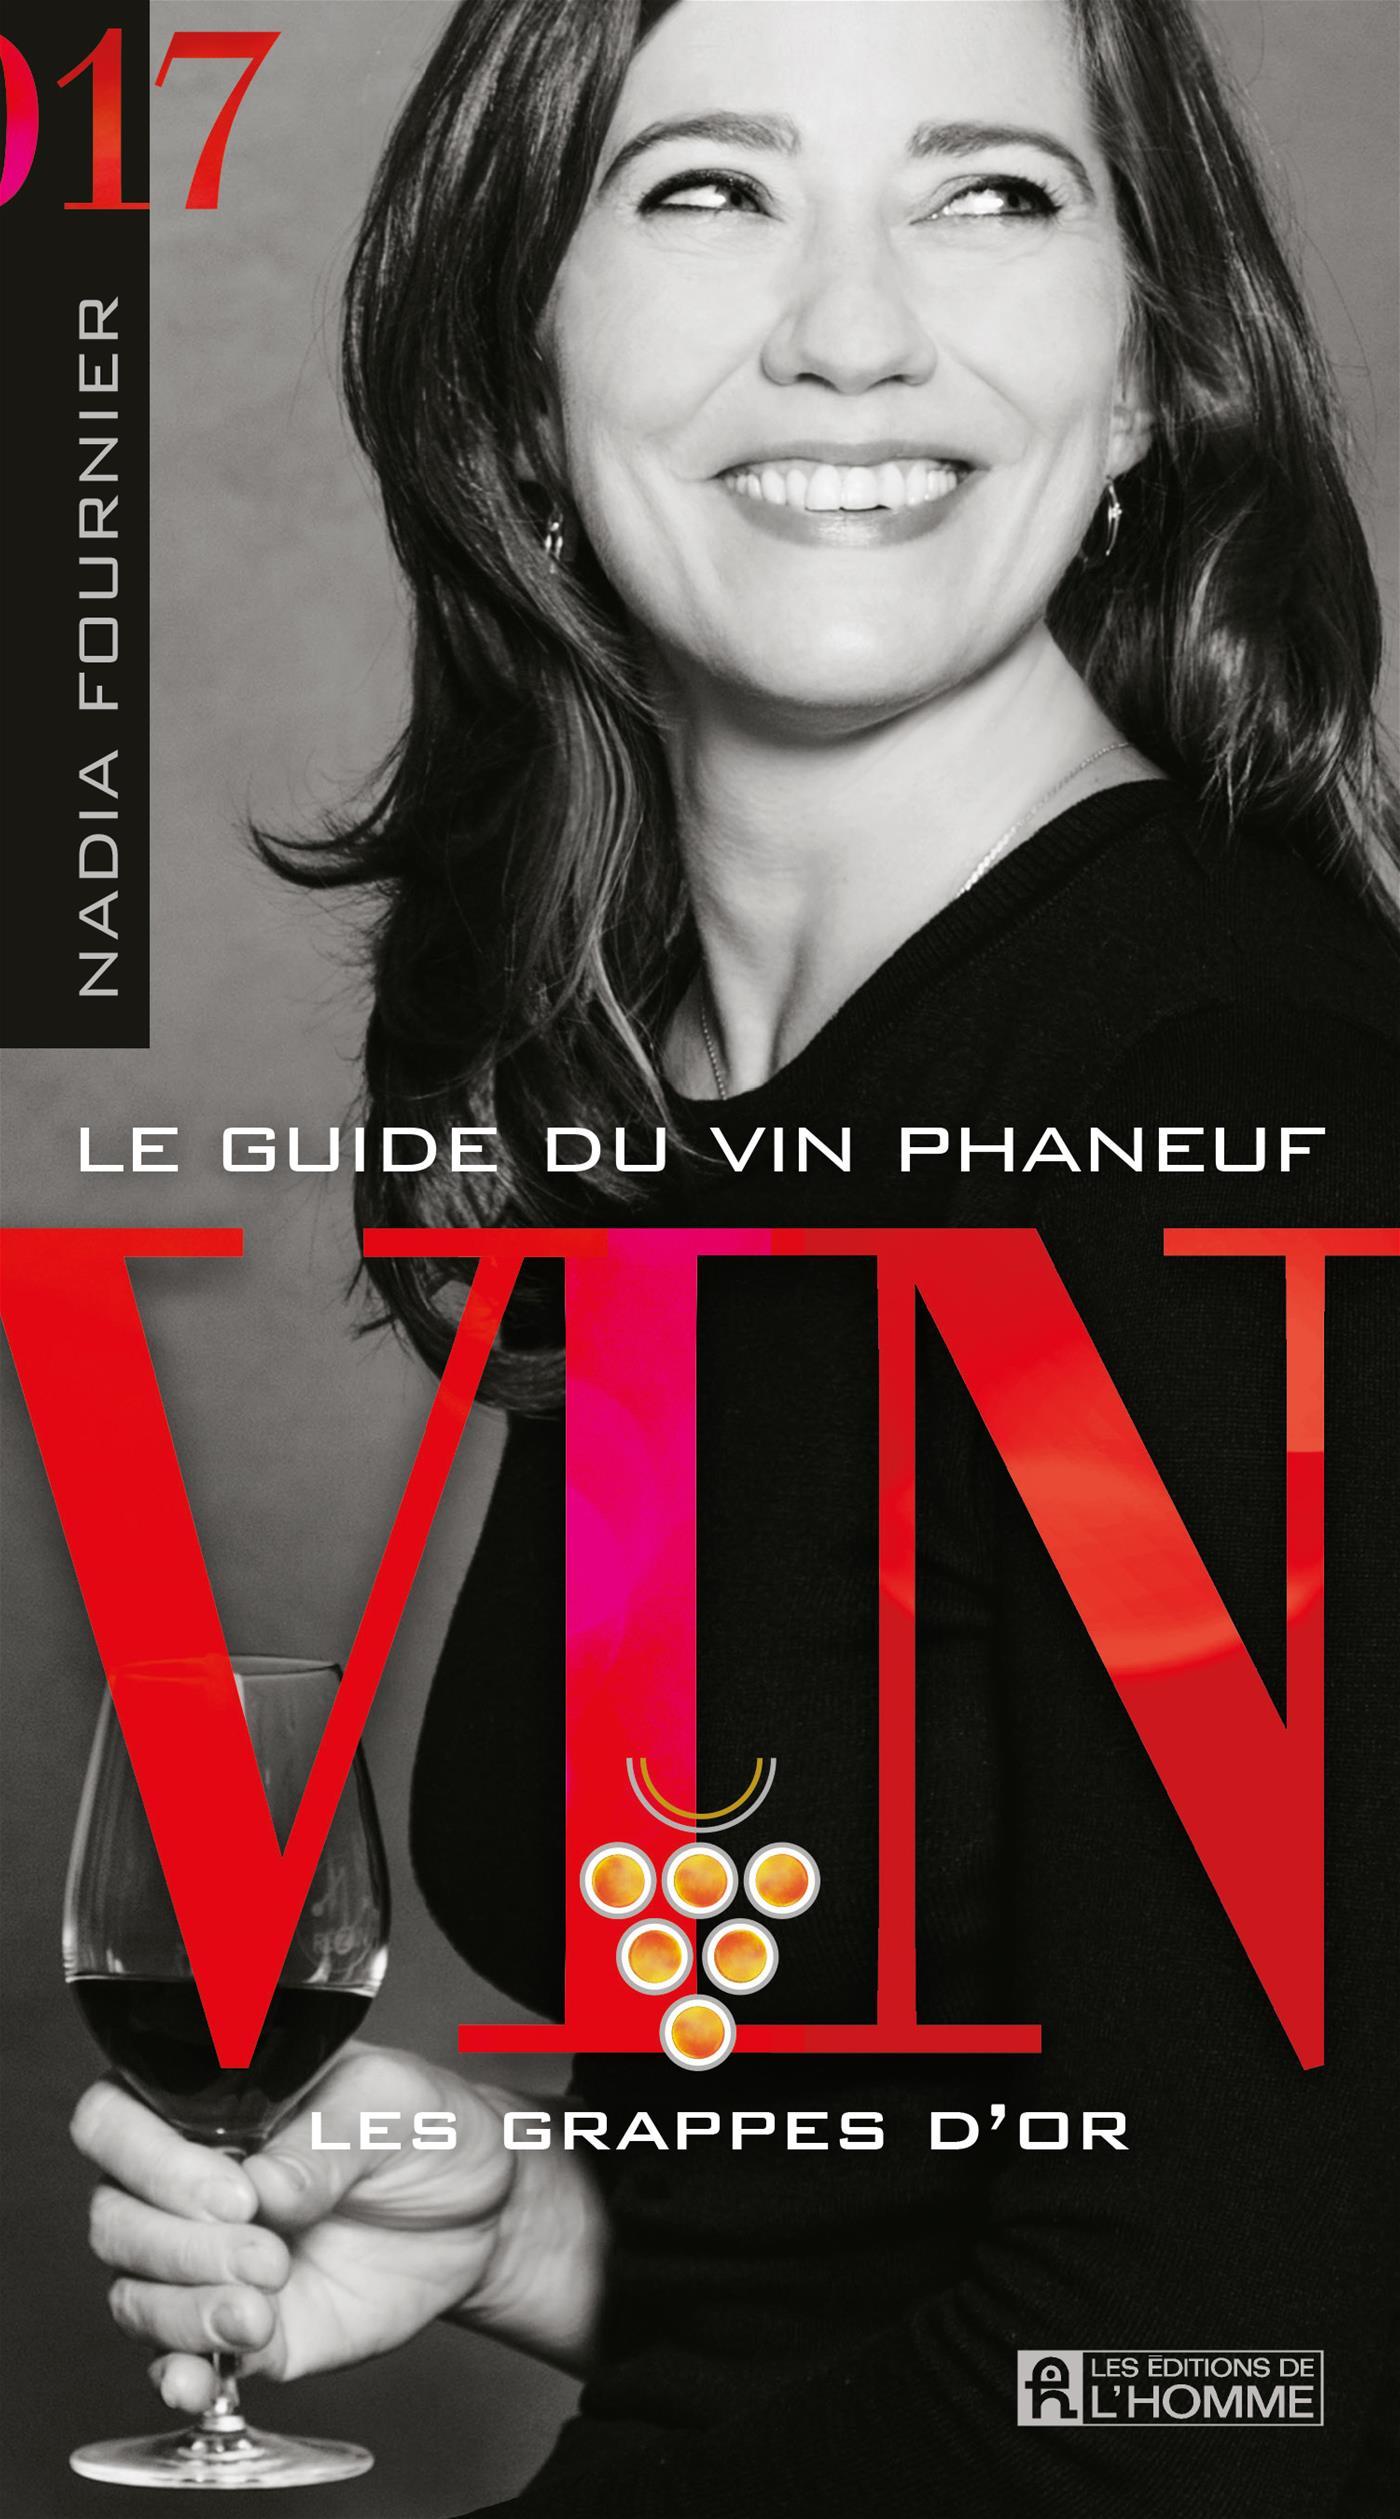 Le guide du vin 2017